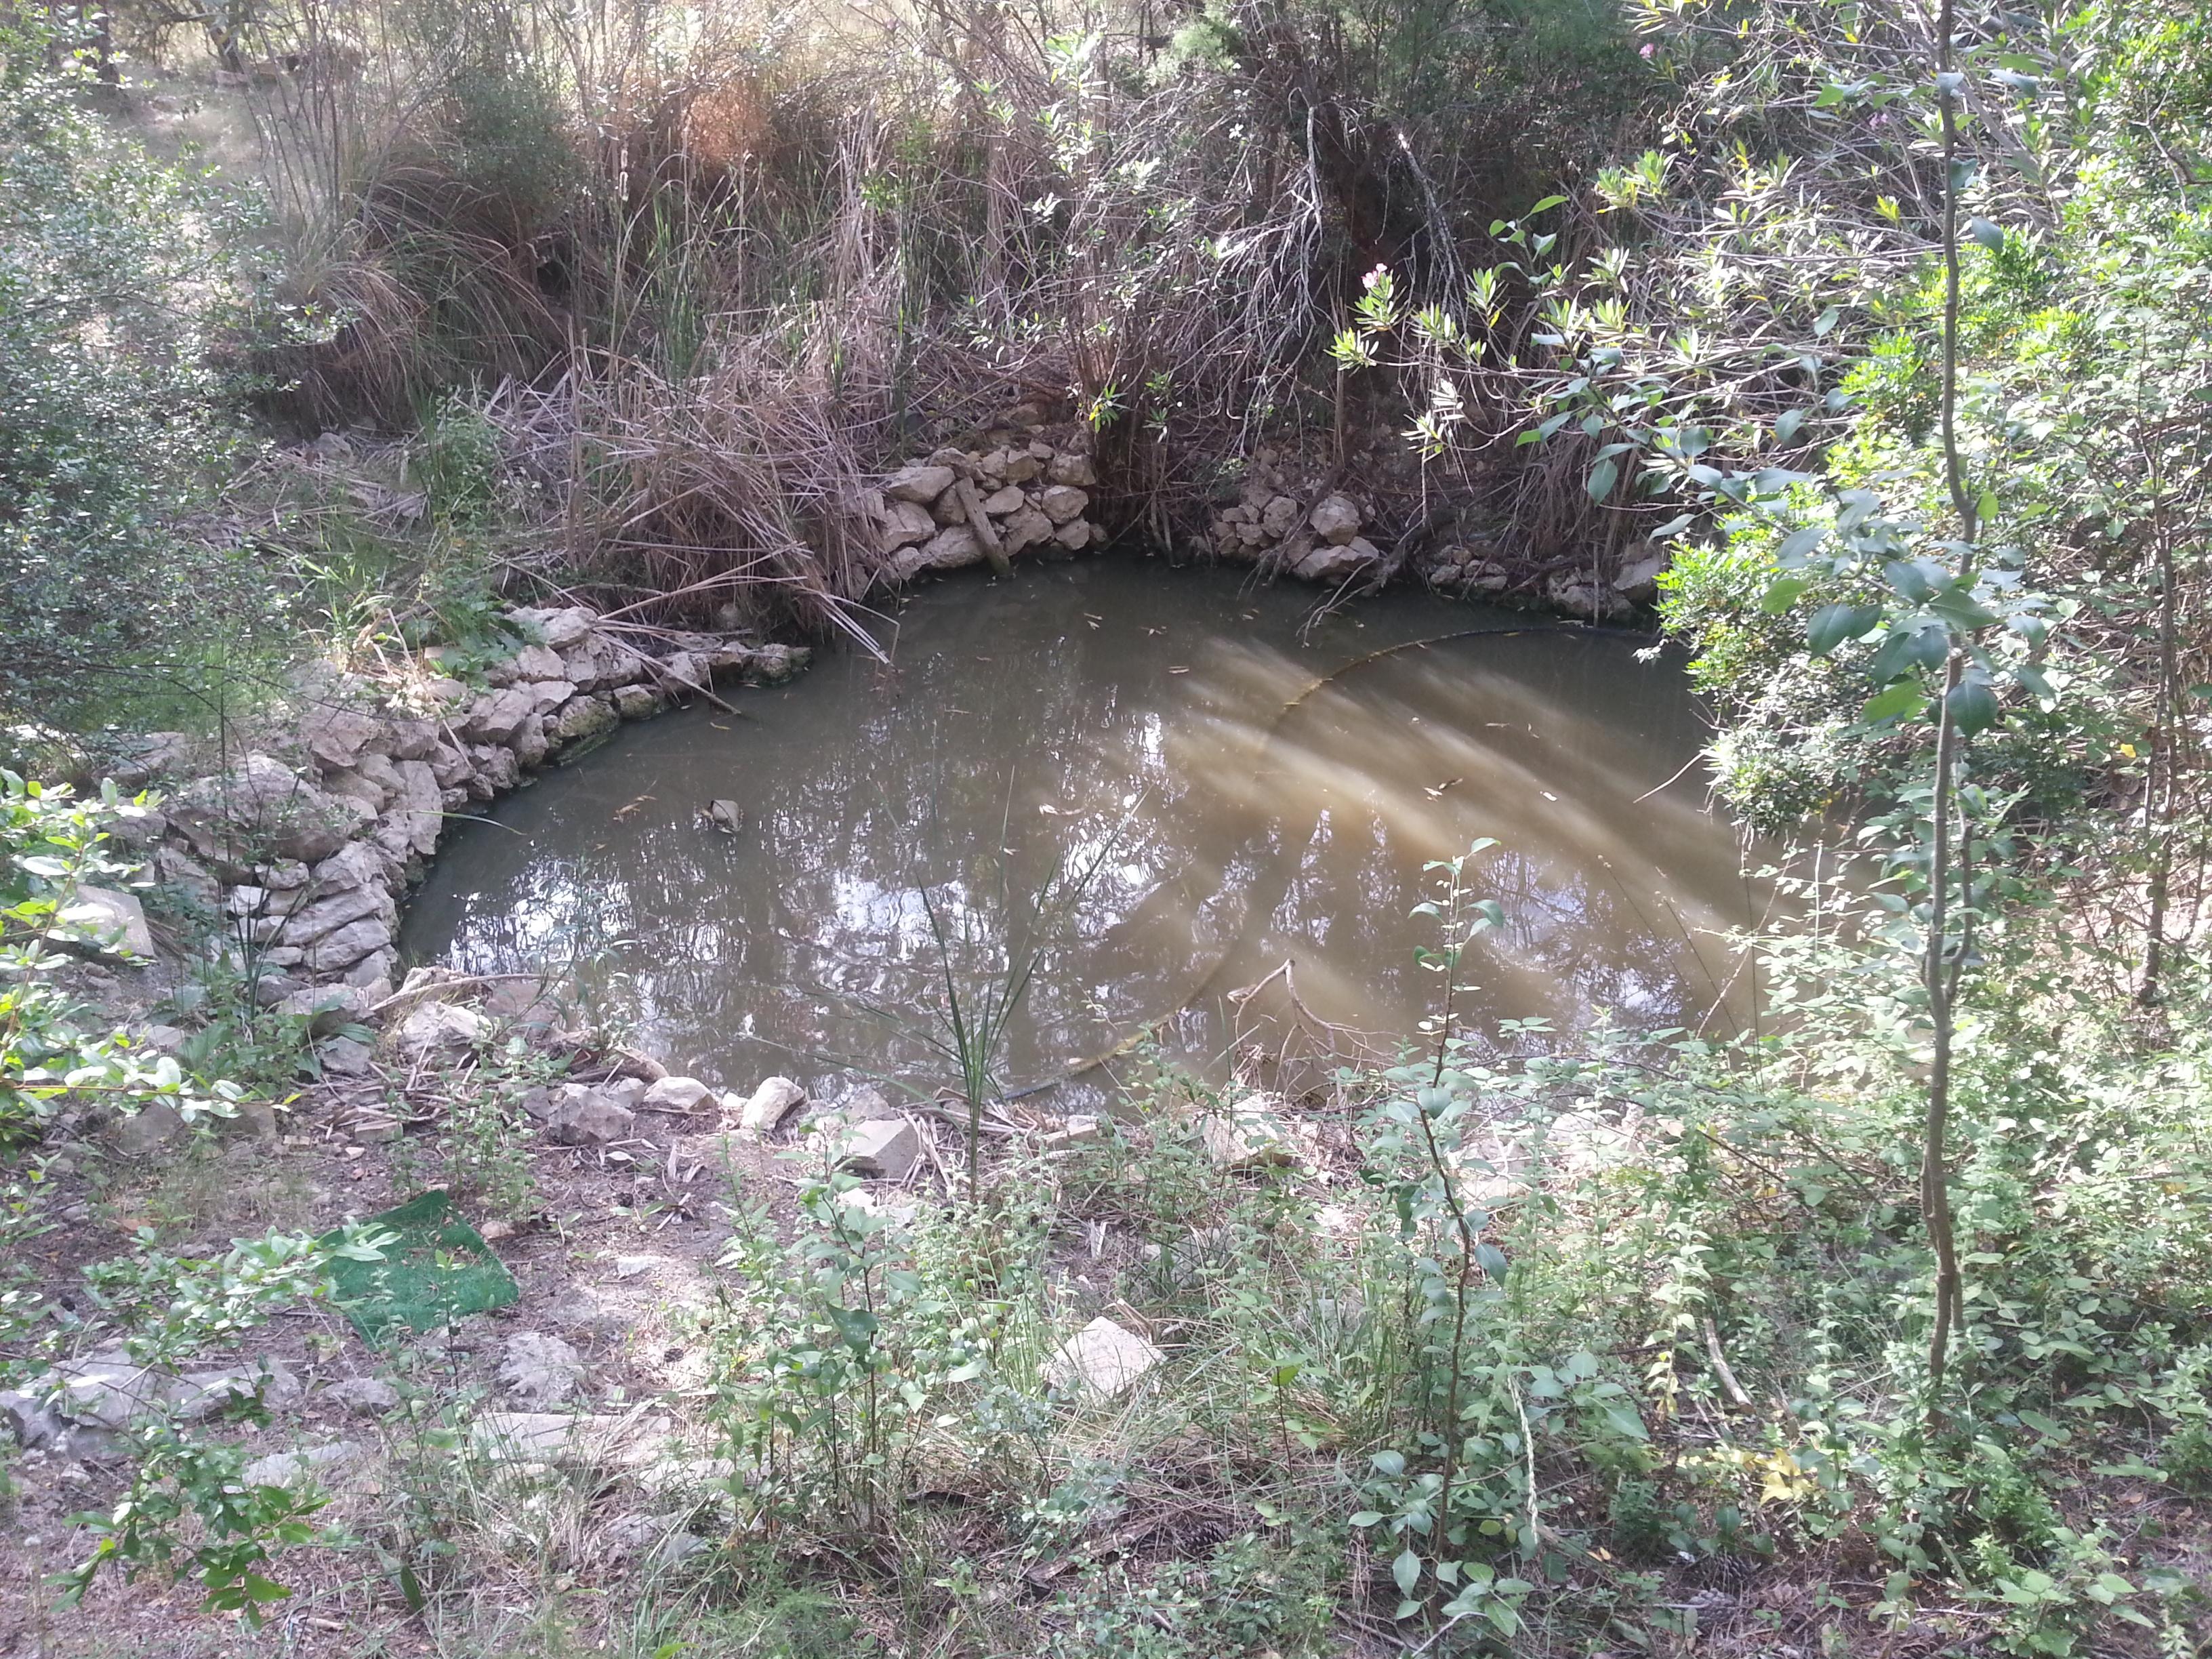 File:Manantial de agua donde se amasaba la arcilla.jpg ...